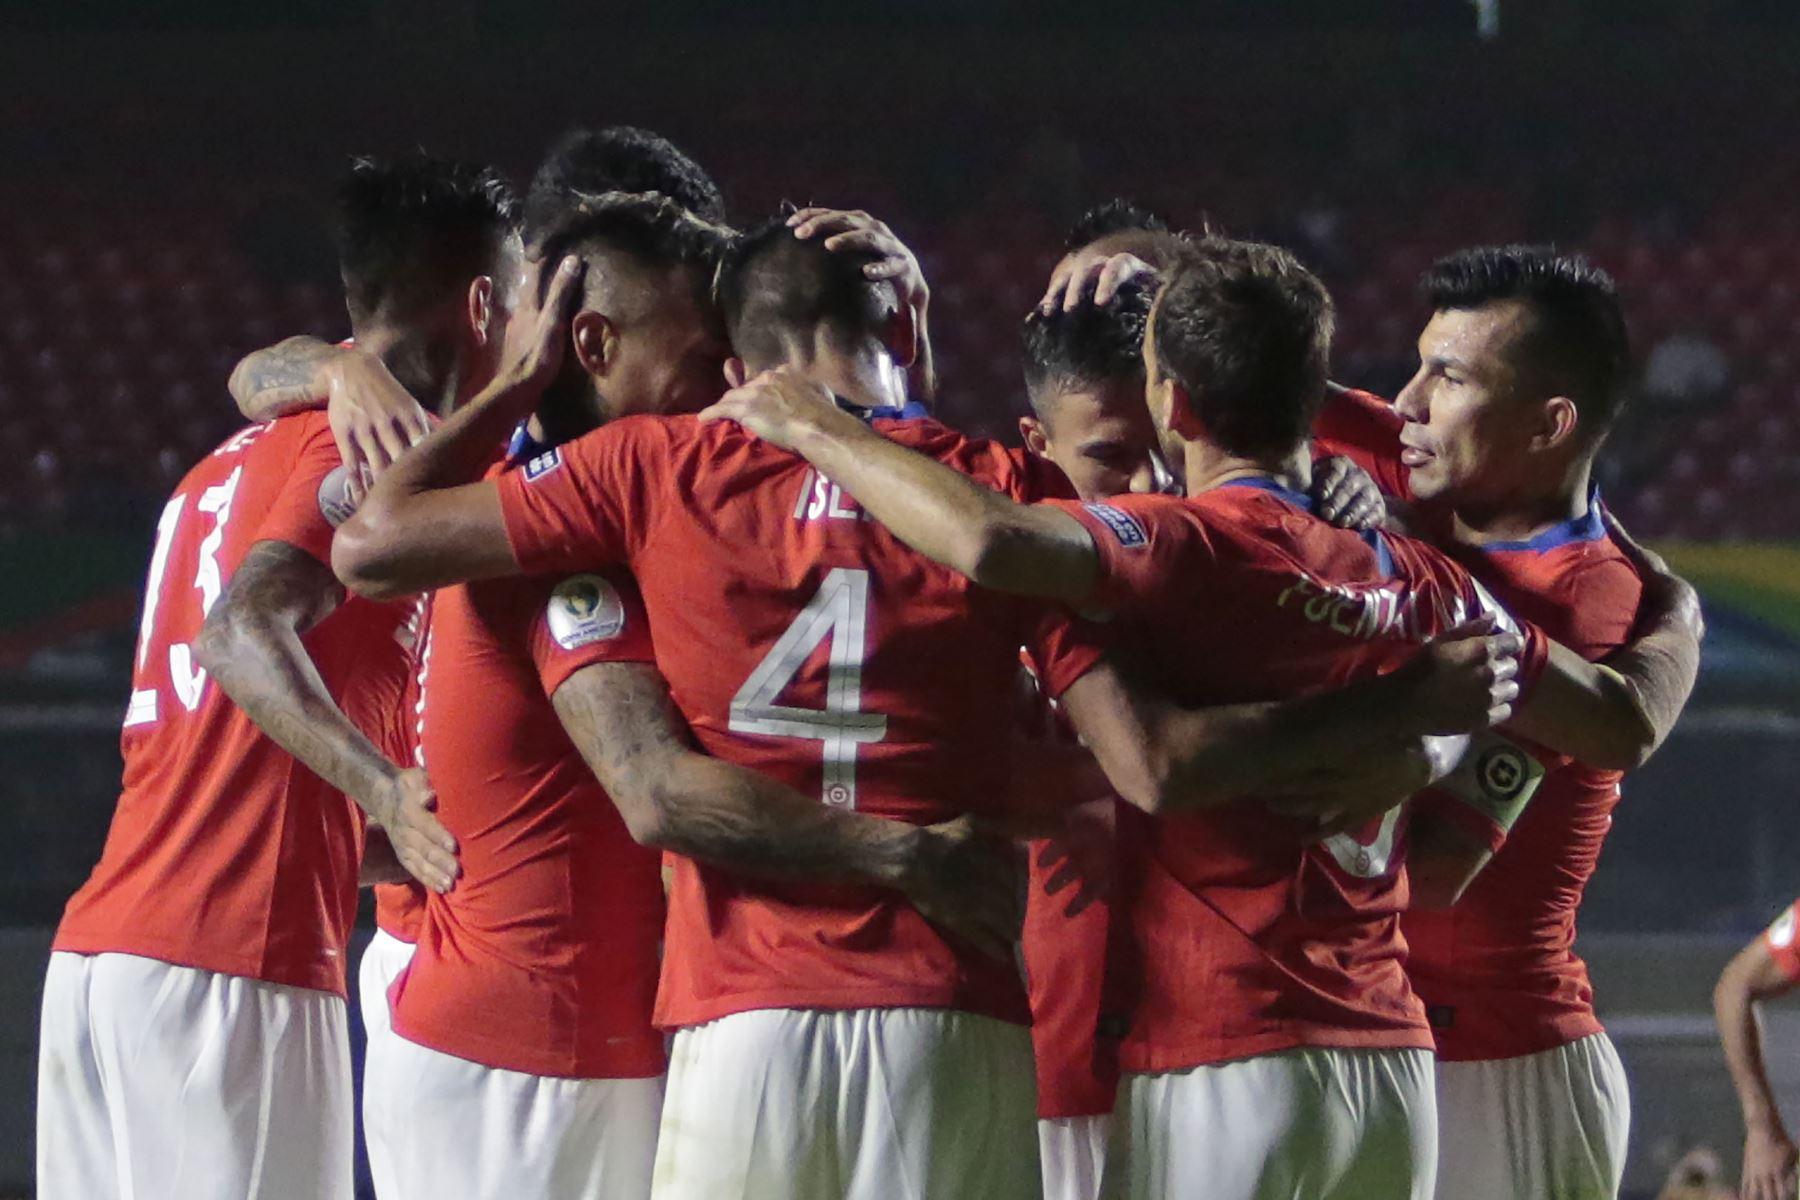 El chileno Alexis Sánchez (3-R) celebra con sus compañeros de equipo durante un partido de Copa América en el torneo de fútbol del Grupo C entre Chile y Japón. Foto: AFP